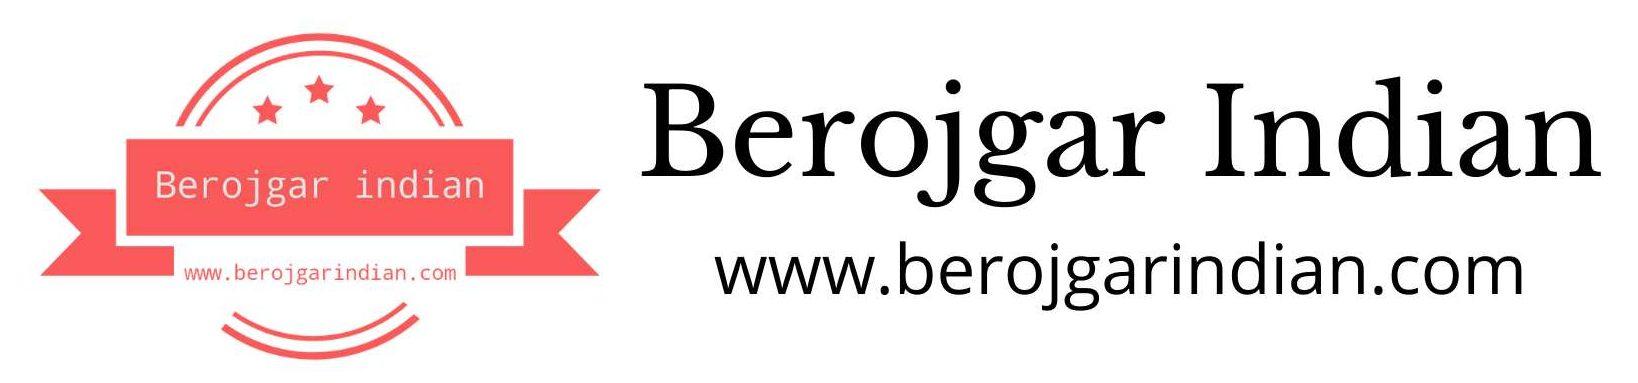 Berojgar Indian – Sarkari Result, Sarkari Naukri, Latest Job Updates